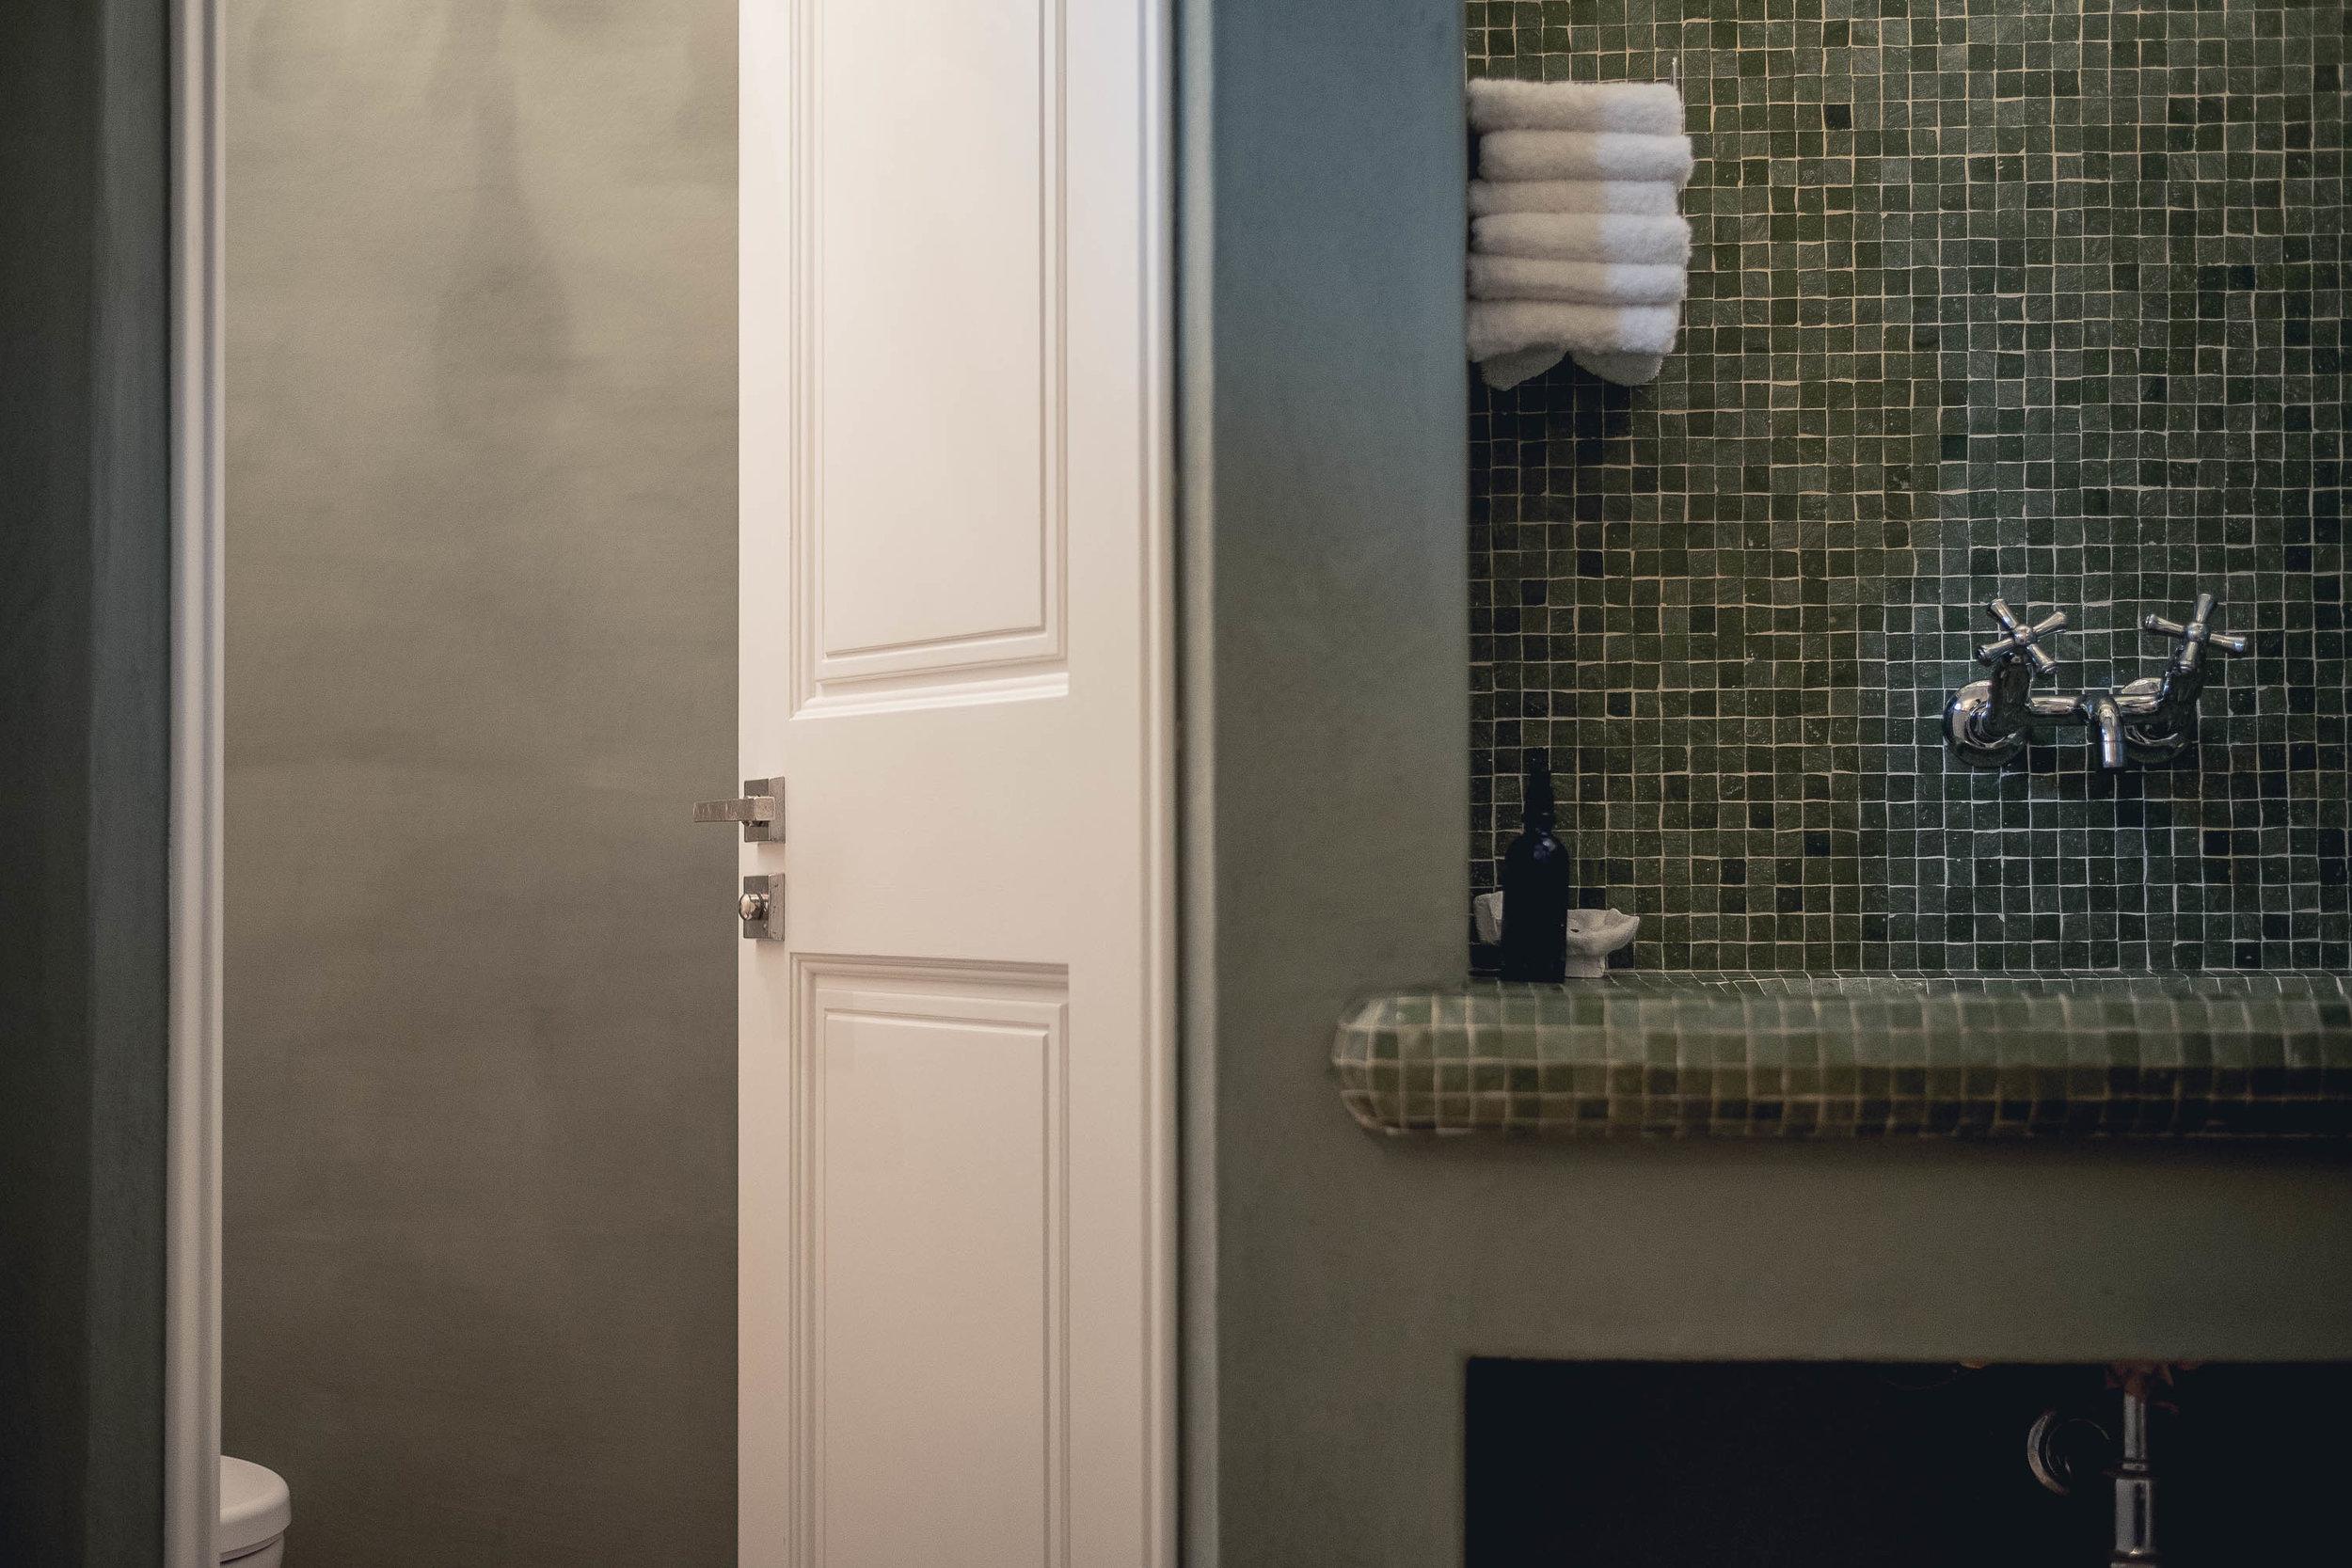 Garniture de poignées de porte ART BRUTAu Produit -